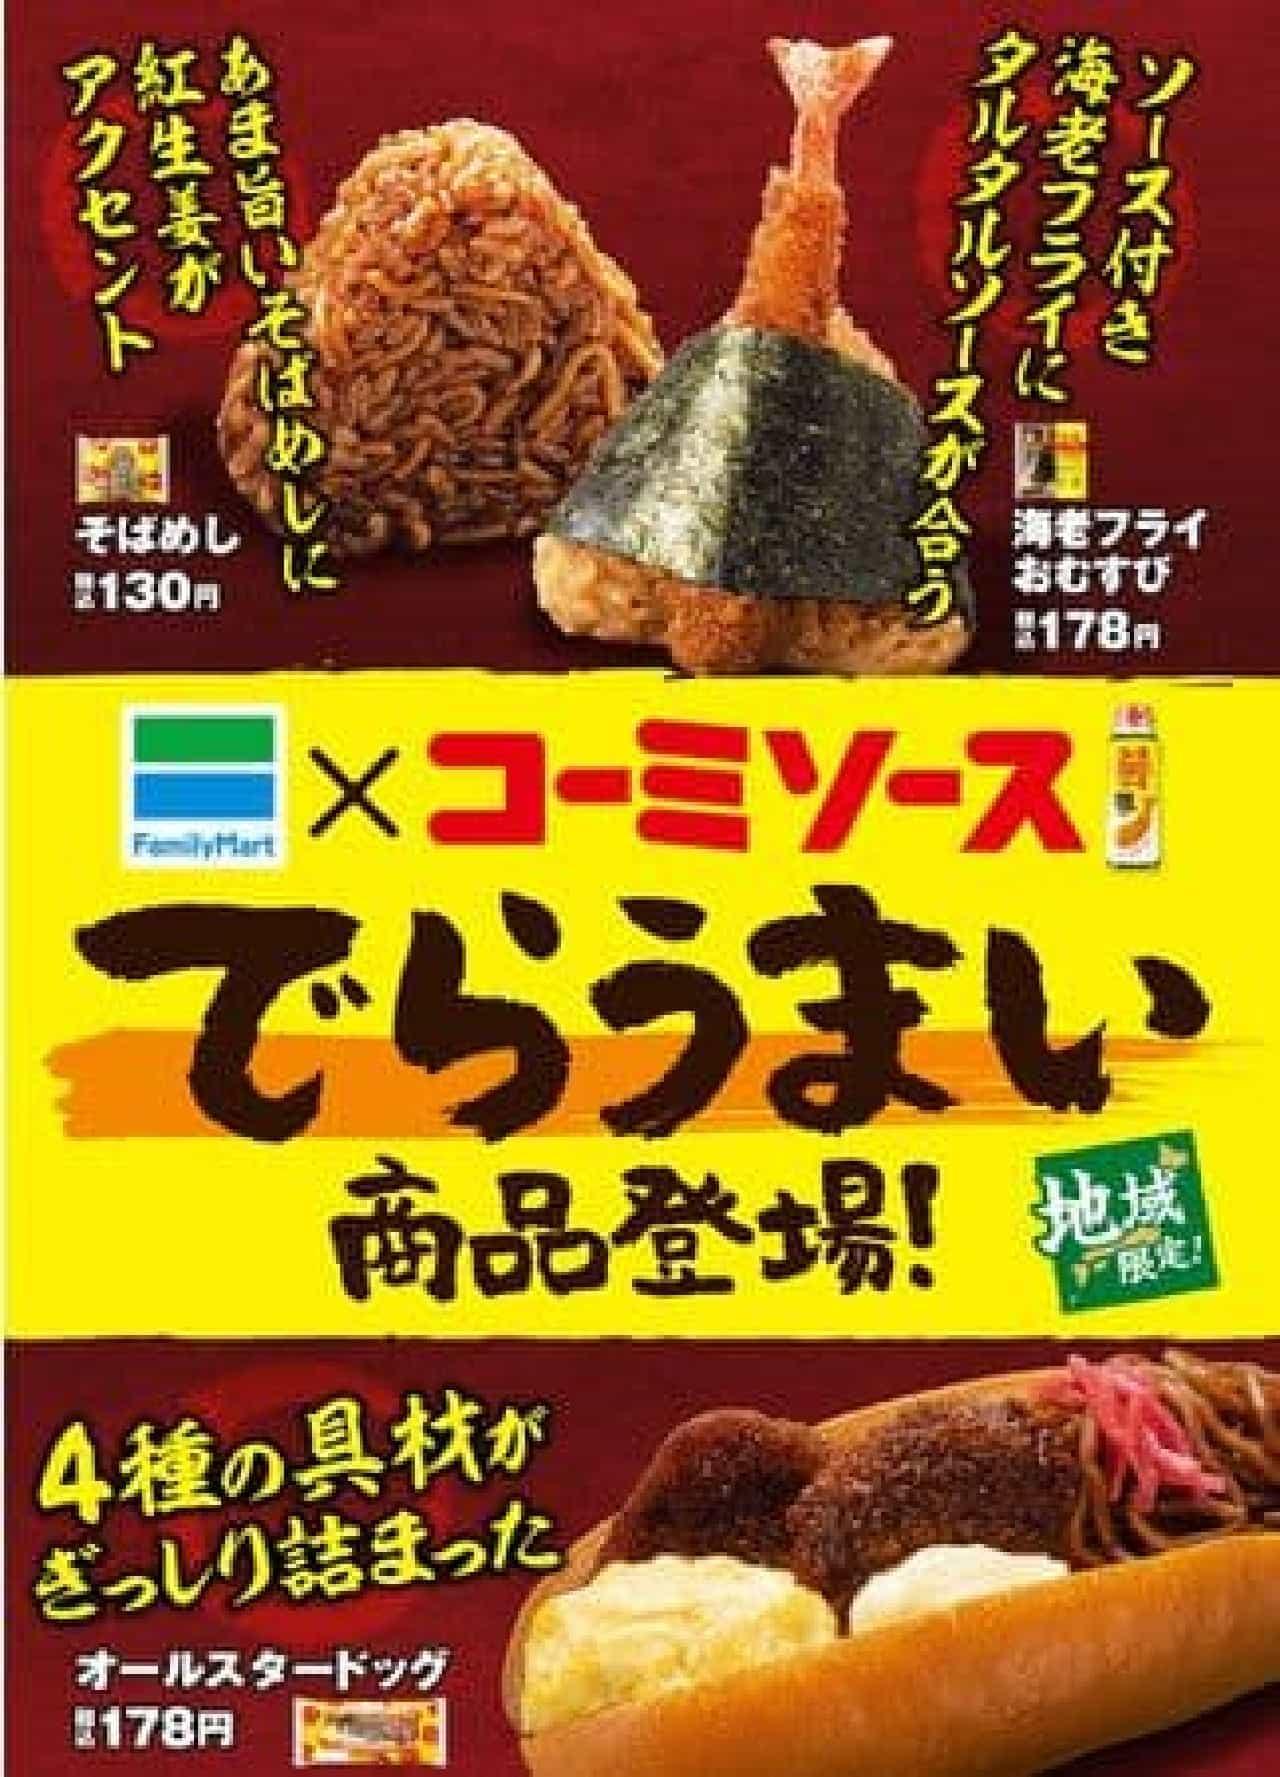 ファミリーマート コーミこいくちソース使用「そばめし」「海老フライおむすび」「オールスタードッグ」